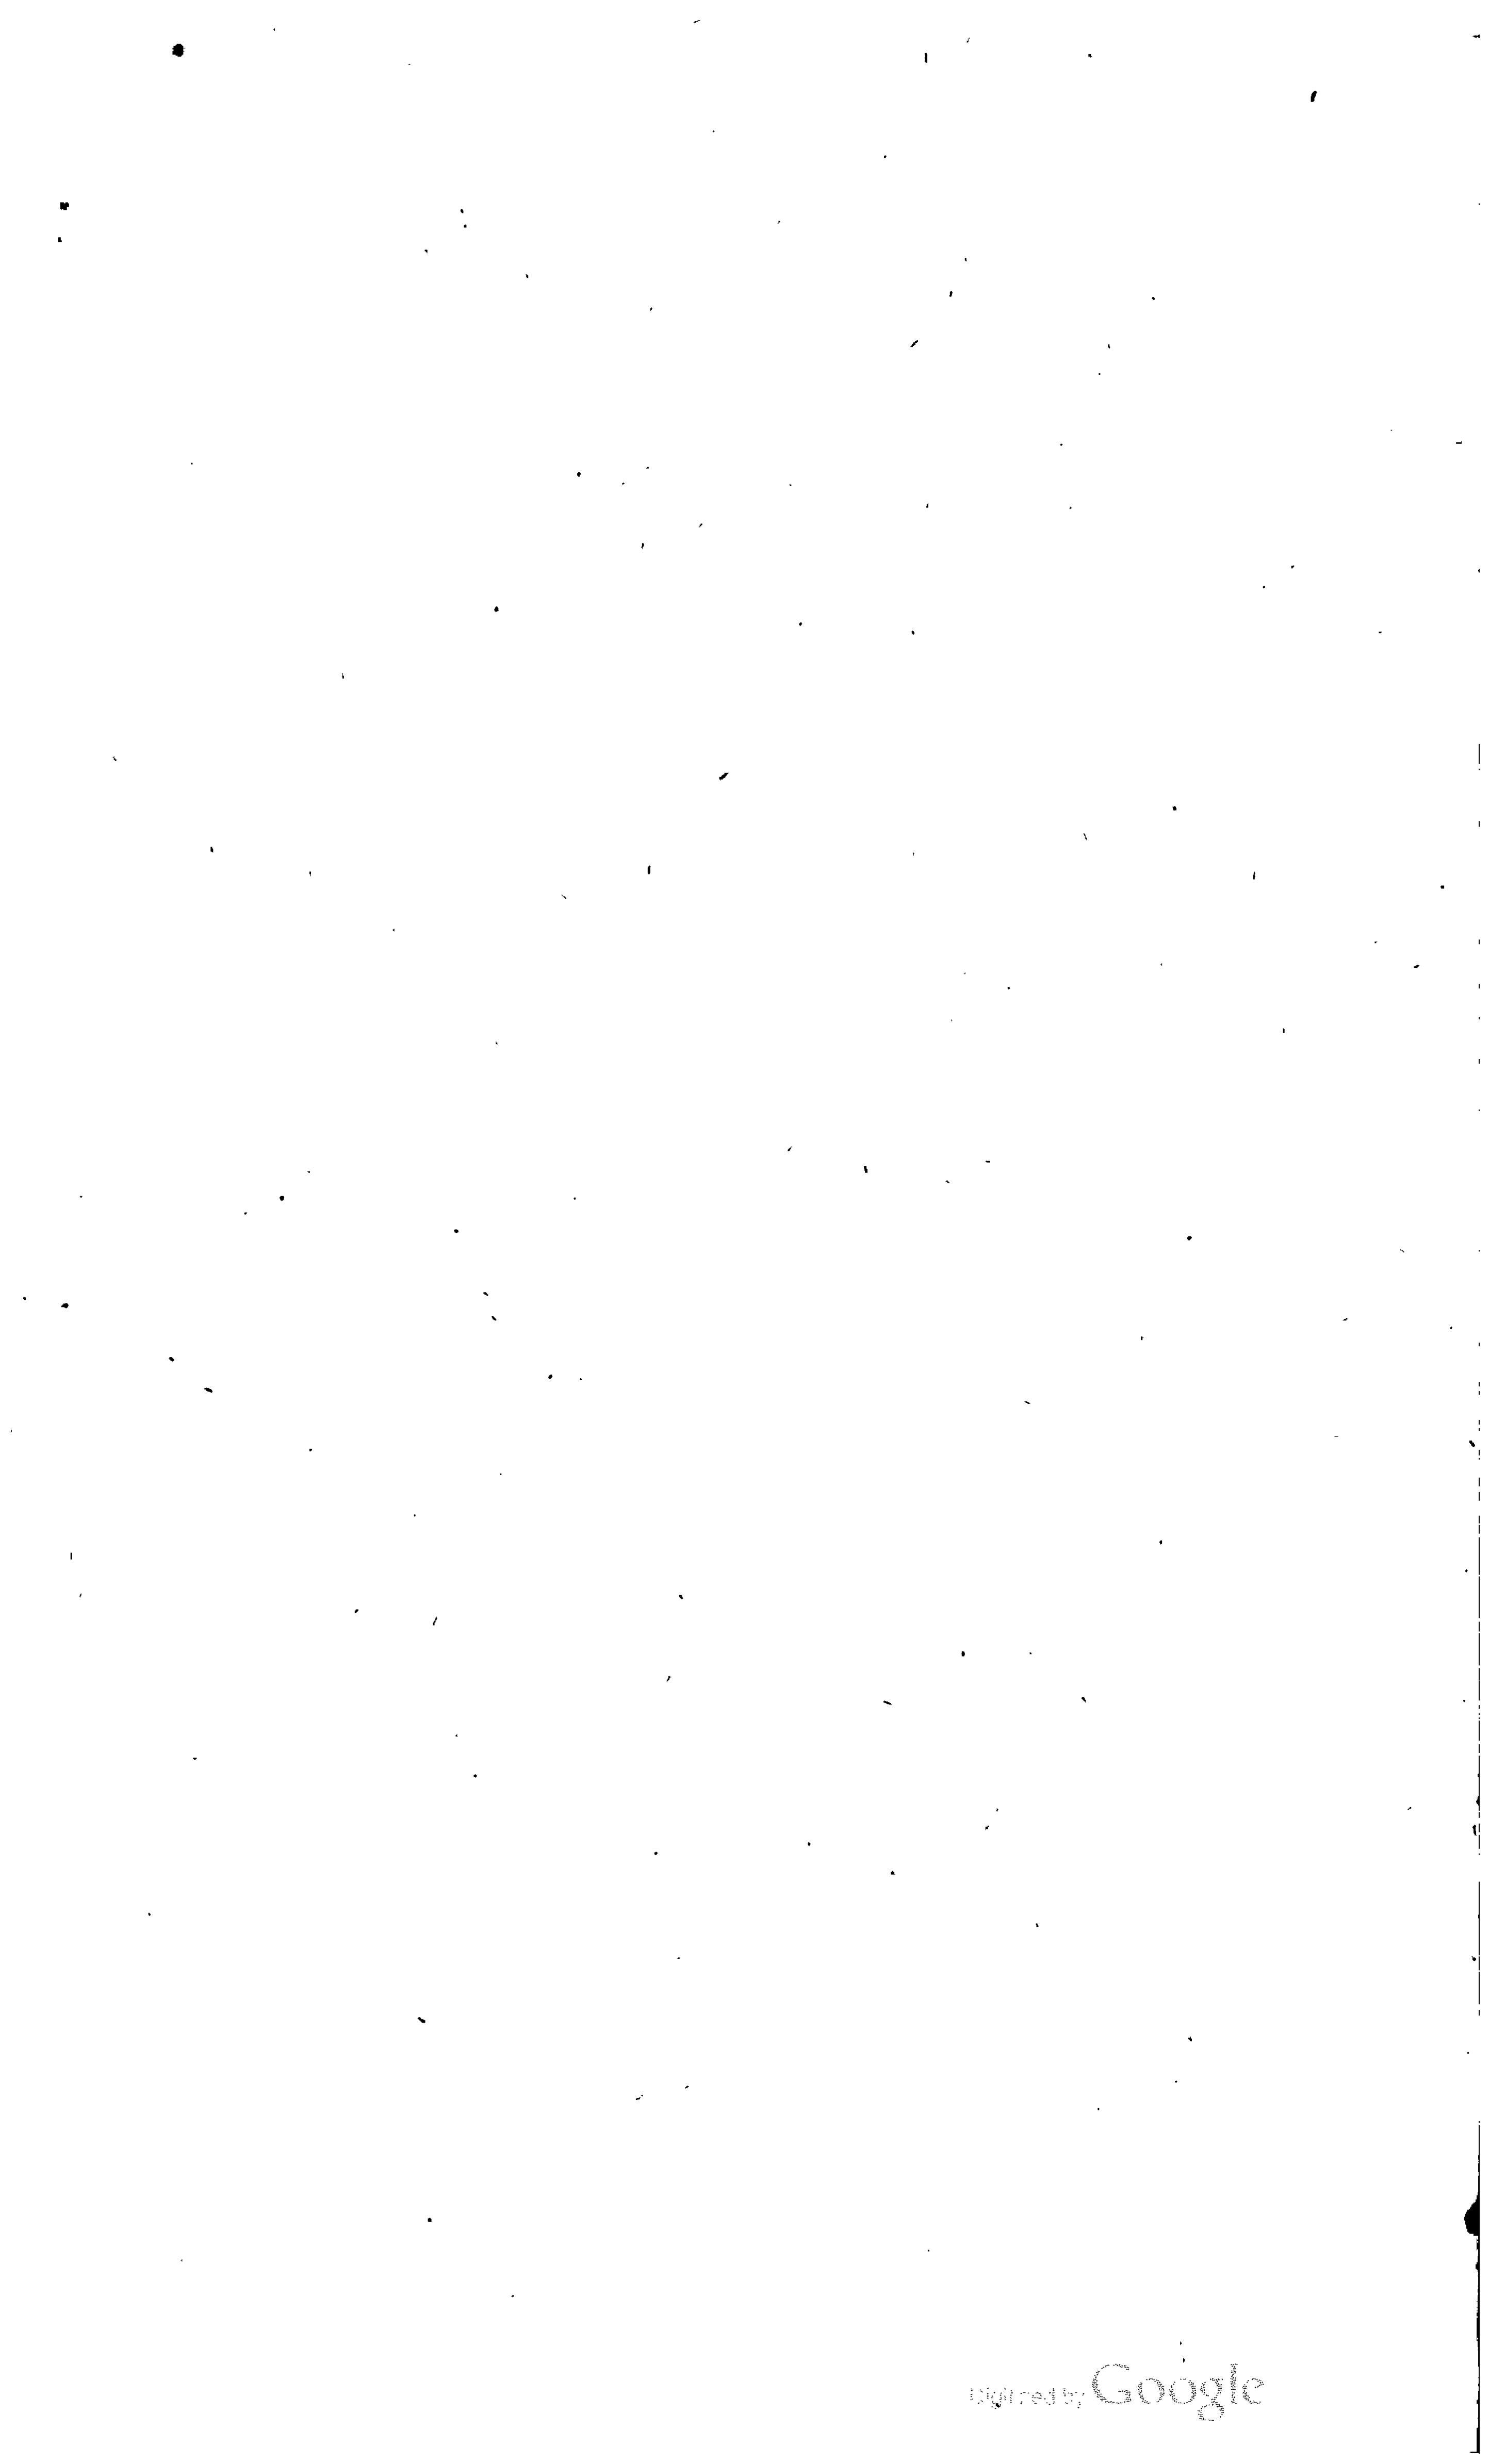 mötesplatsen mobil logga in Oskarshamn